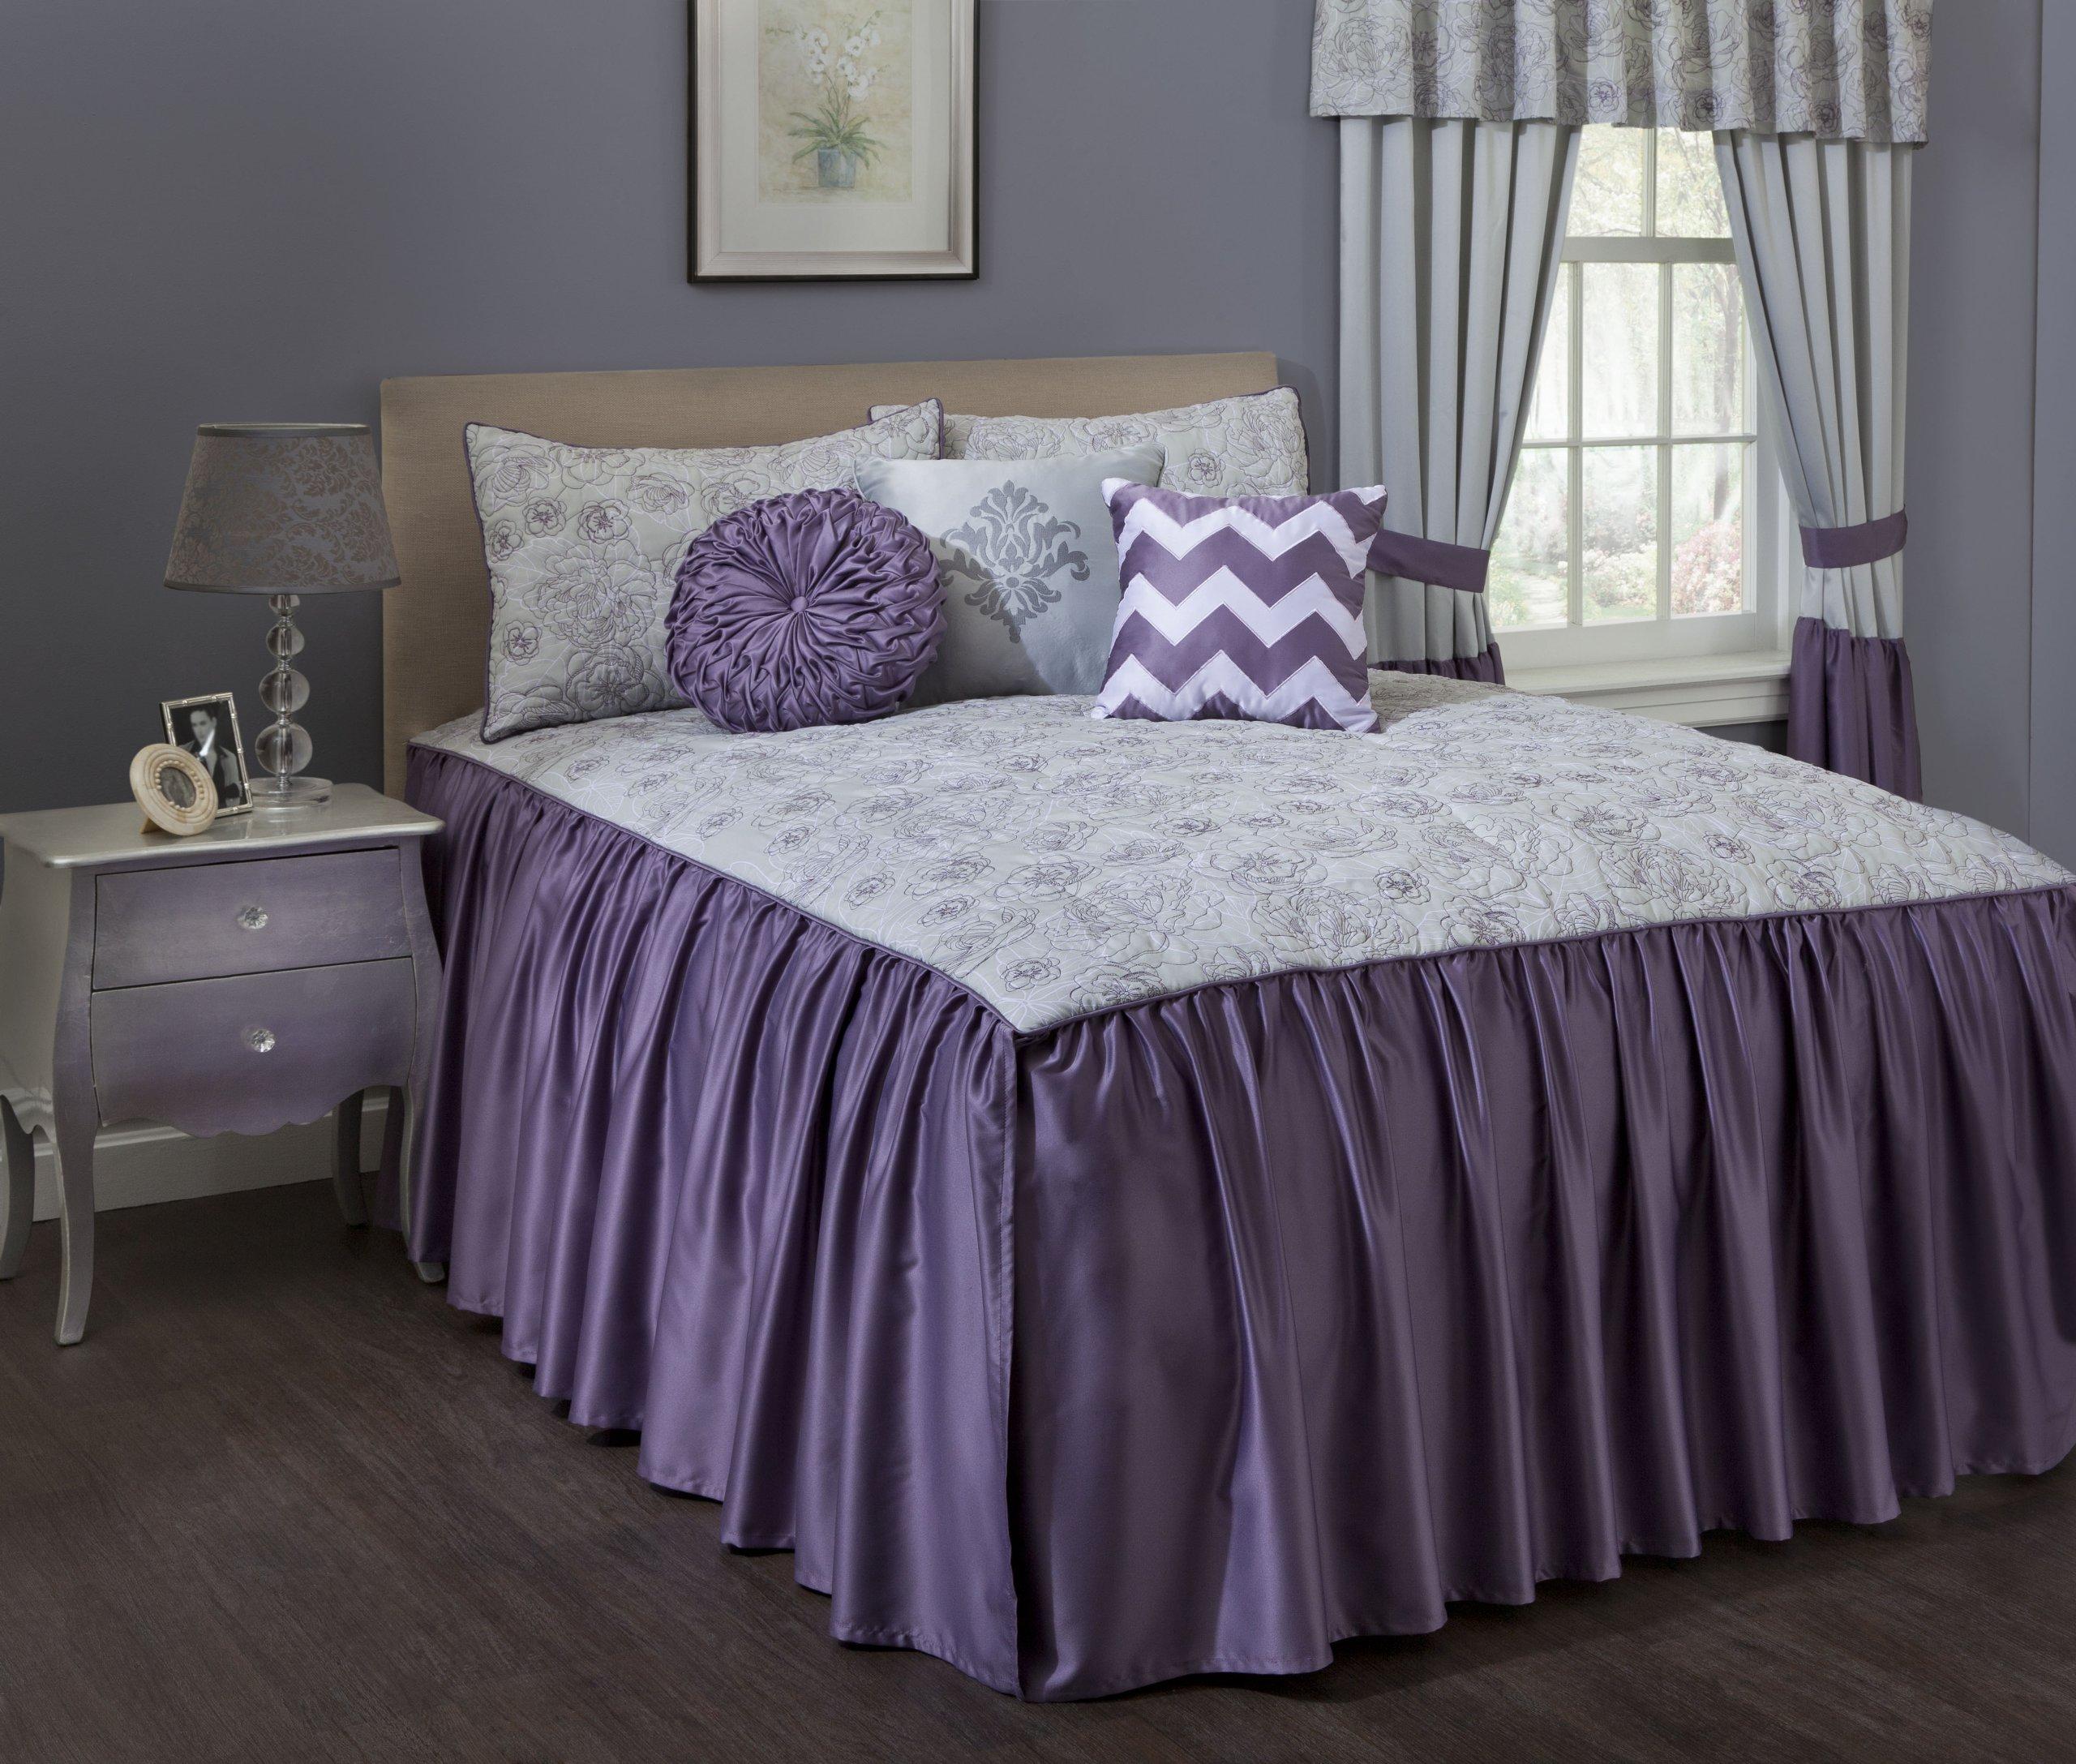 Present Living Home Sarabeth Bedspread, King